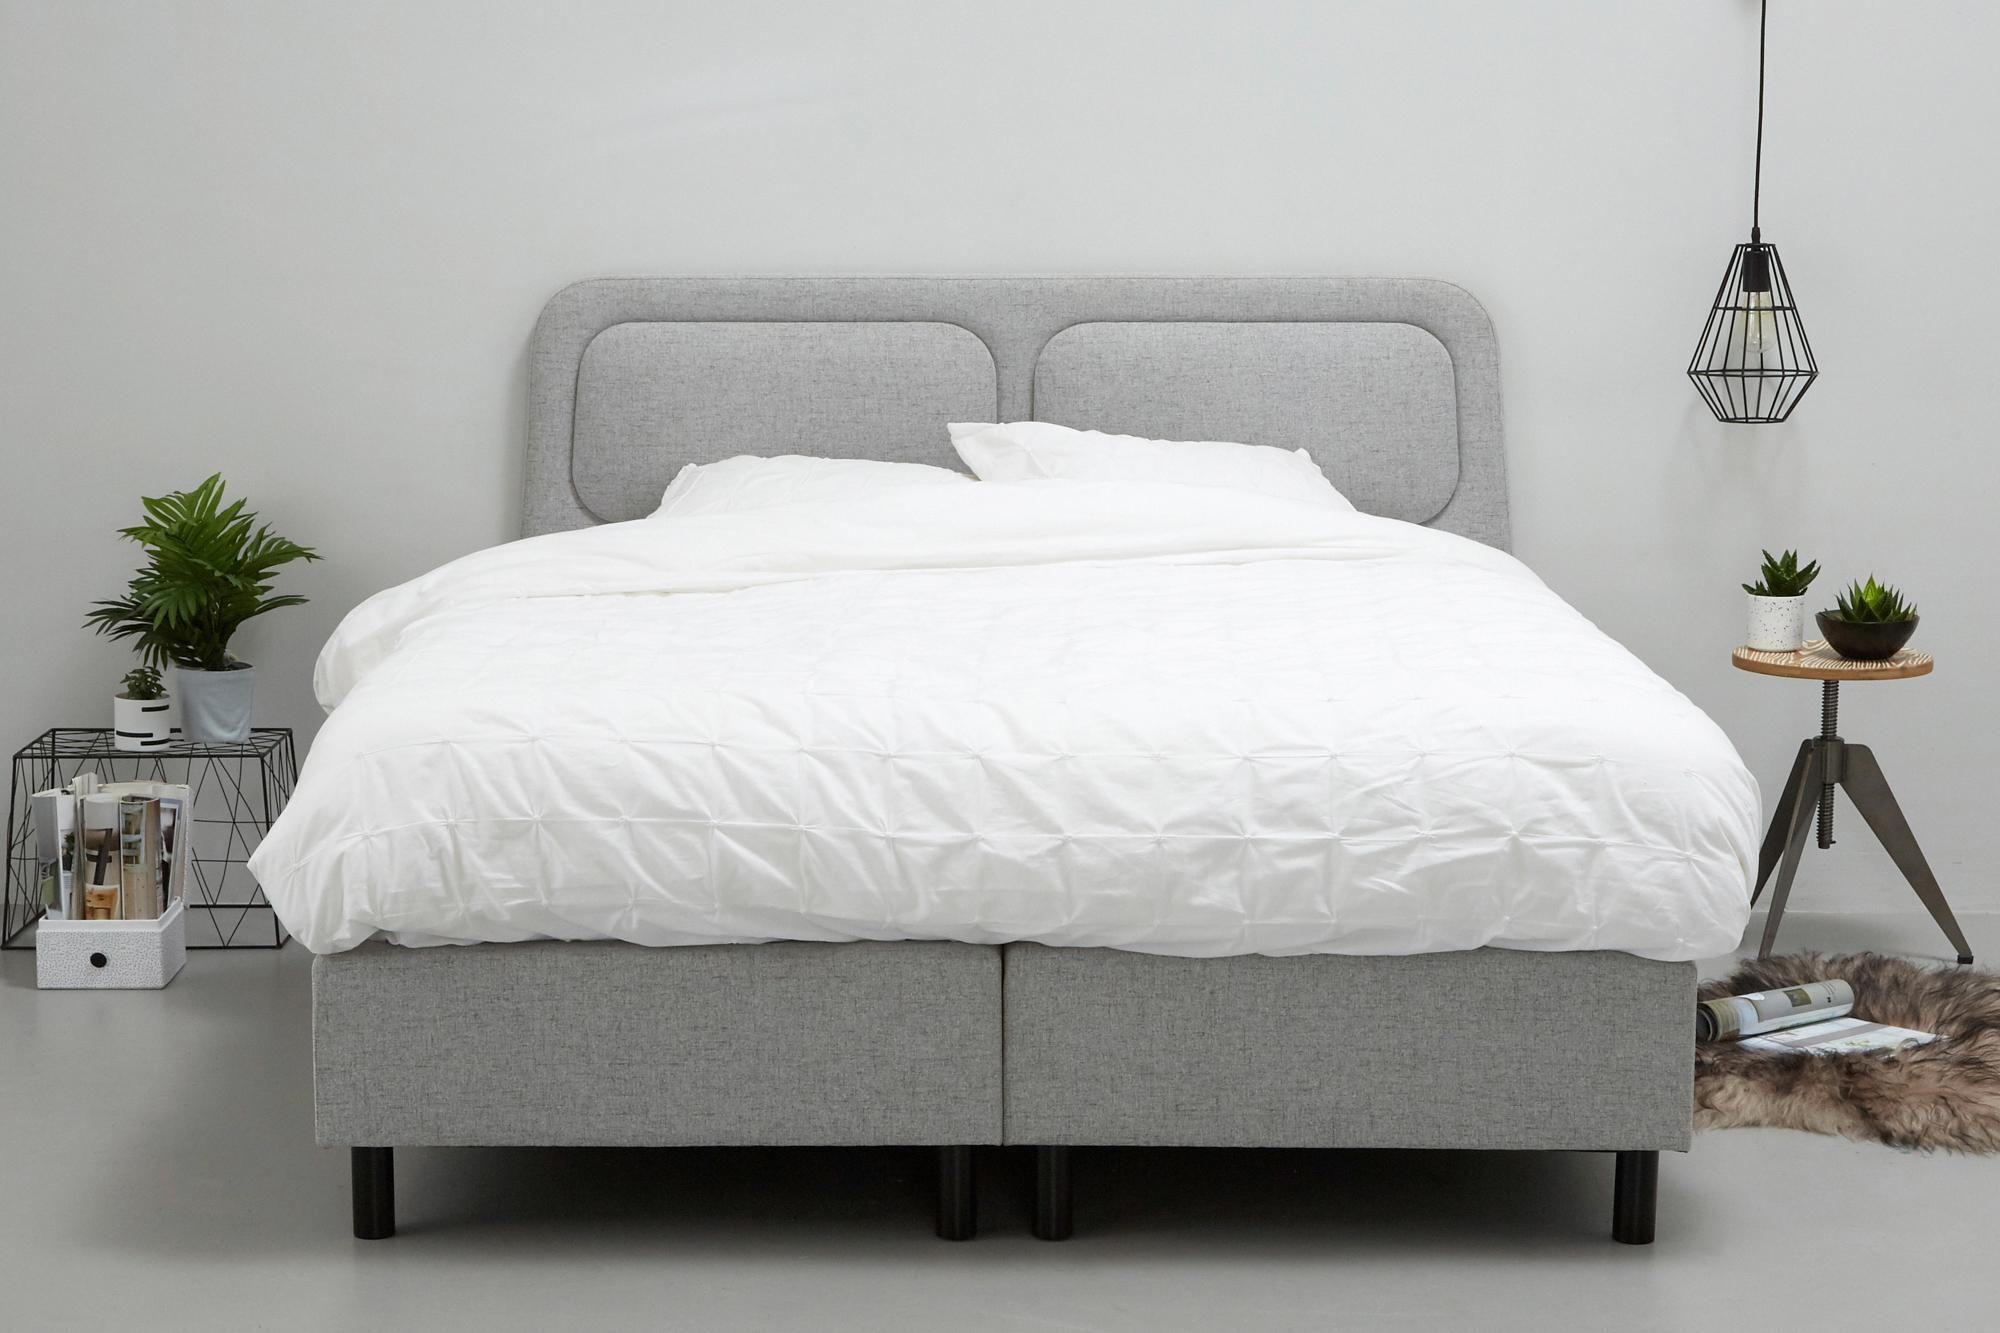 Wehkamp Complete Slaapkamers : Complete boxspring nyborg grijs slaapkamer en huis